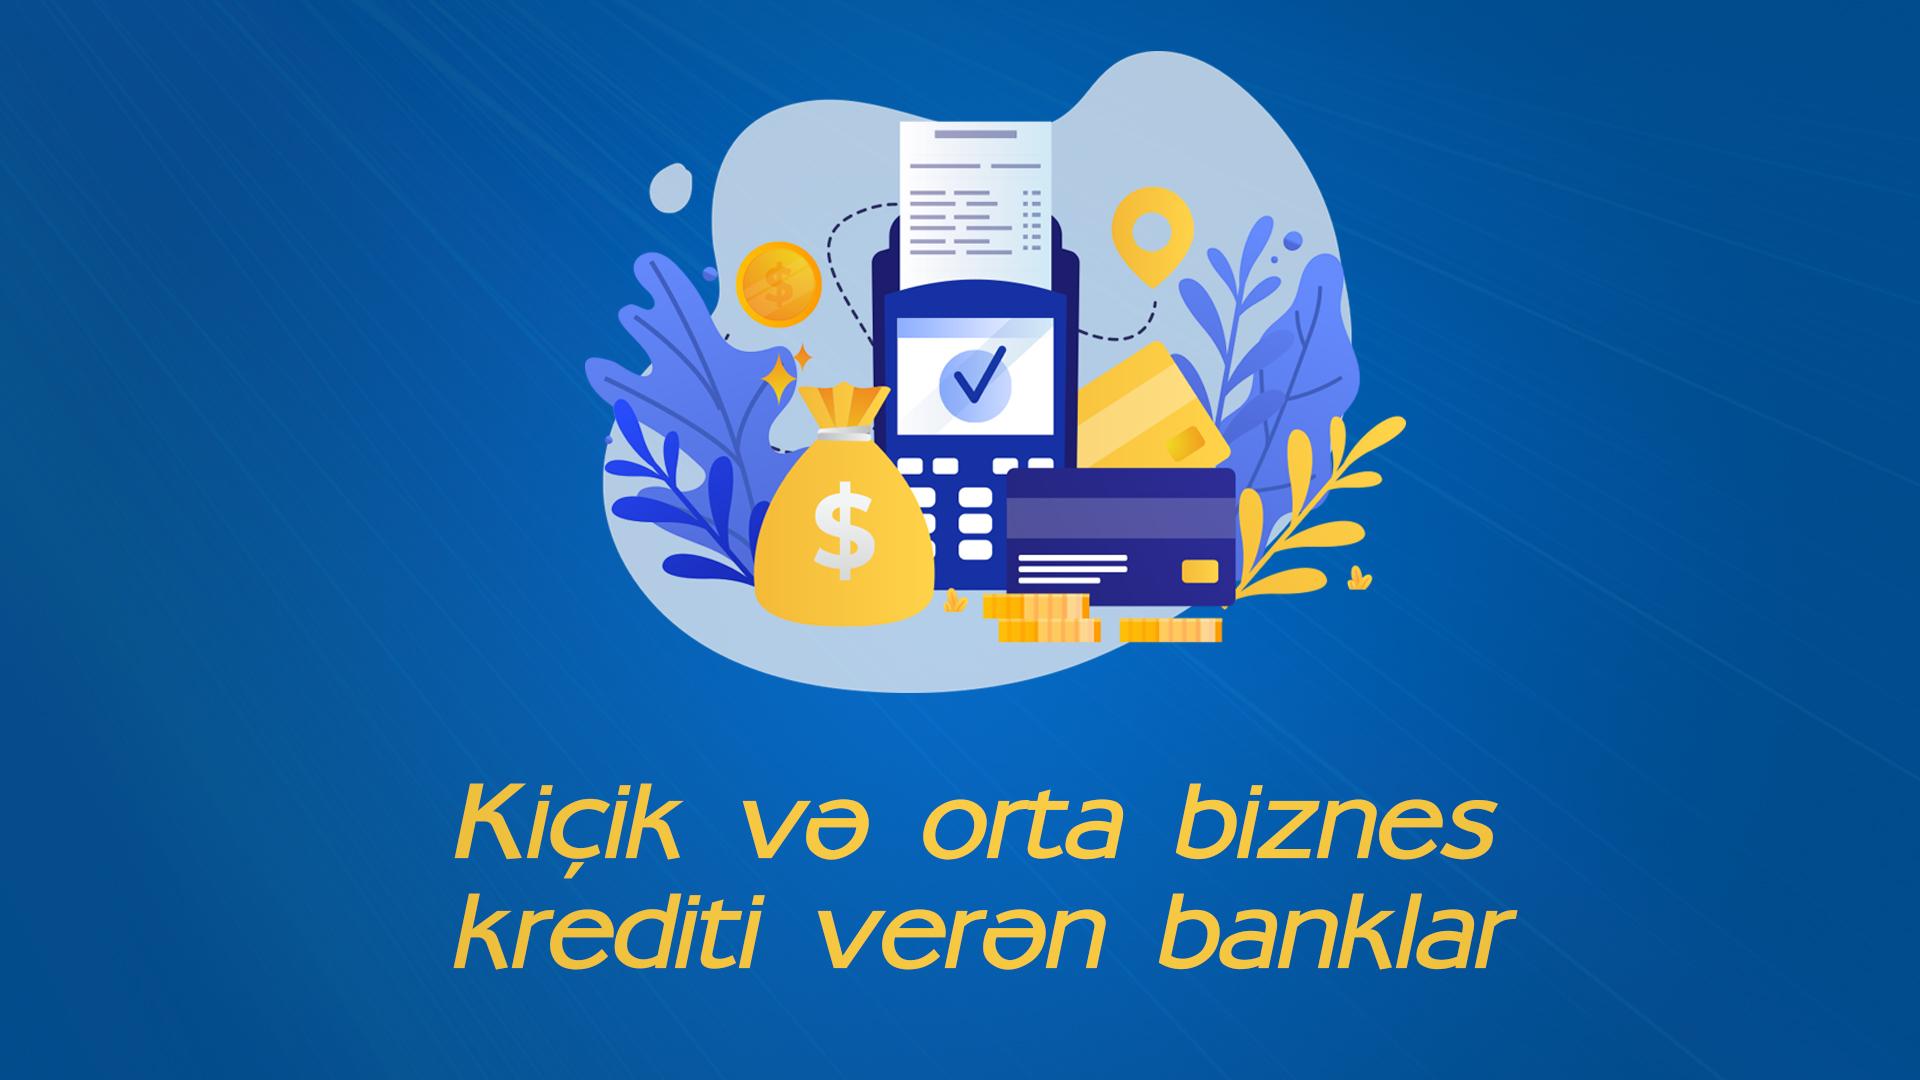 Ən sərfəli biznes kreditləri verən banklar - SİYAHI